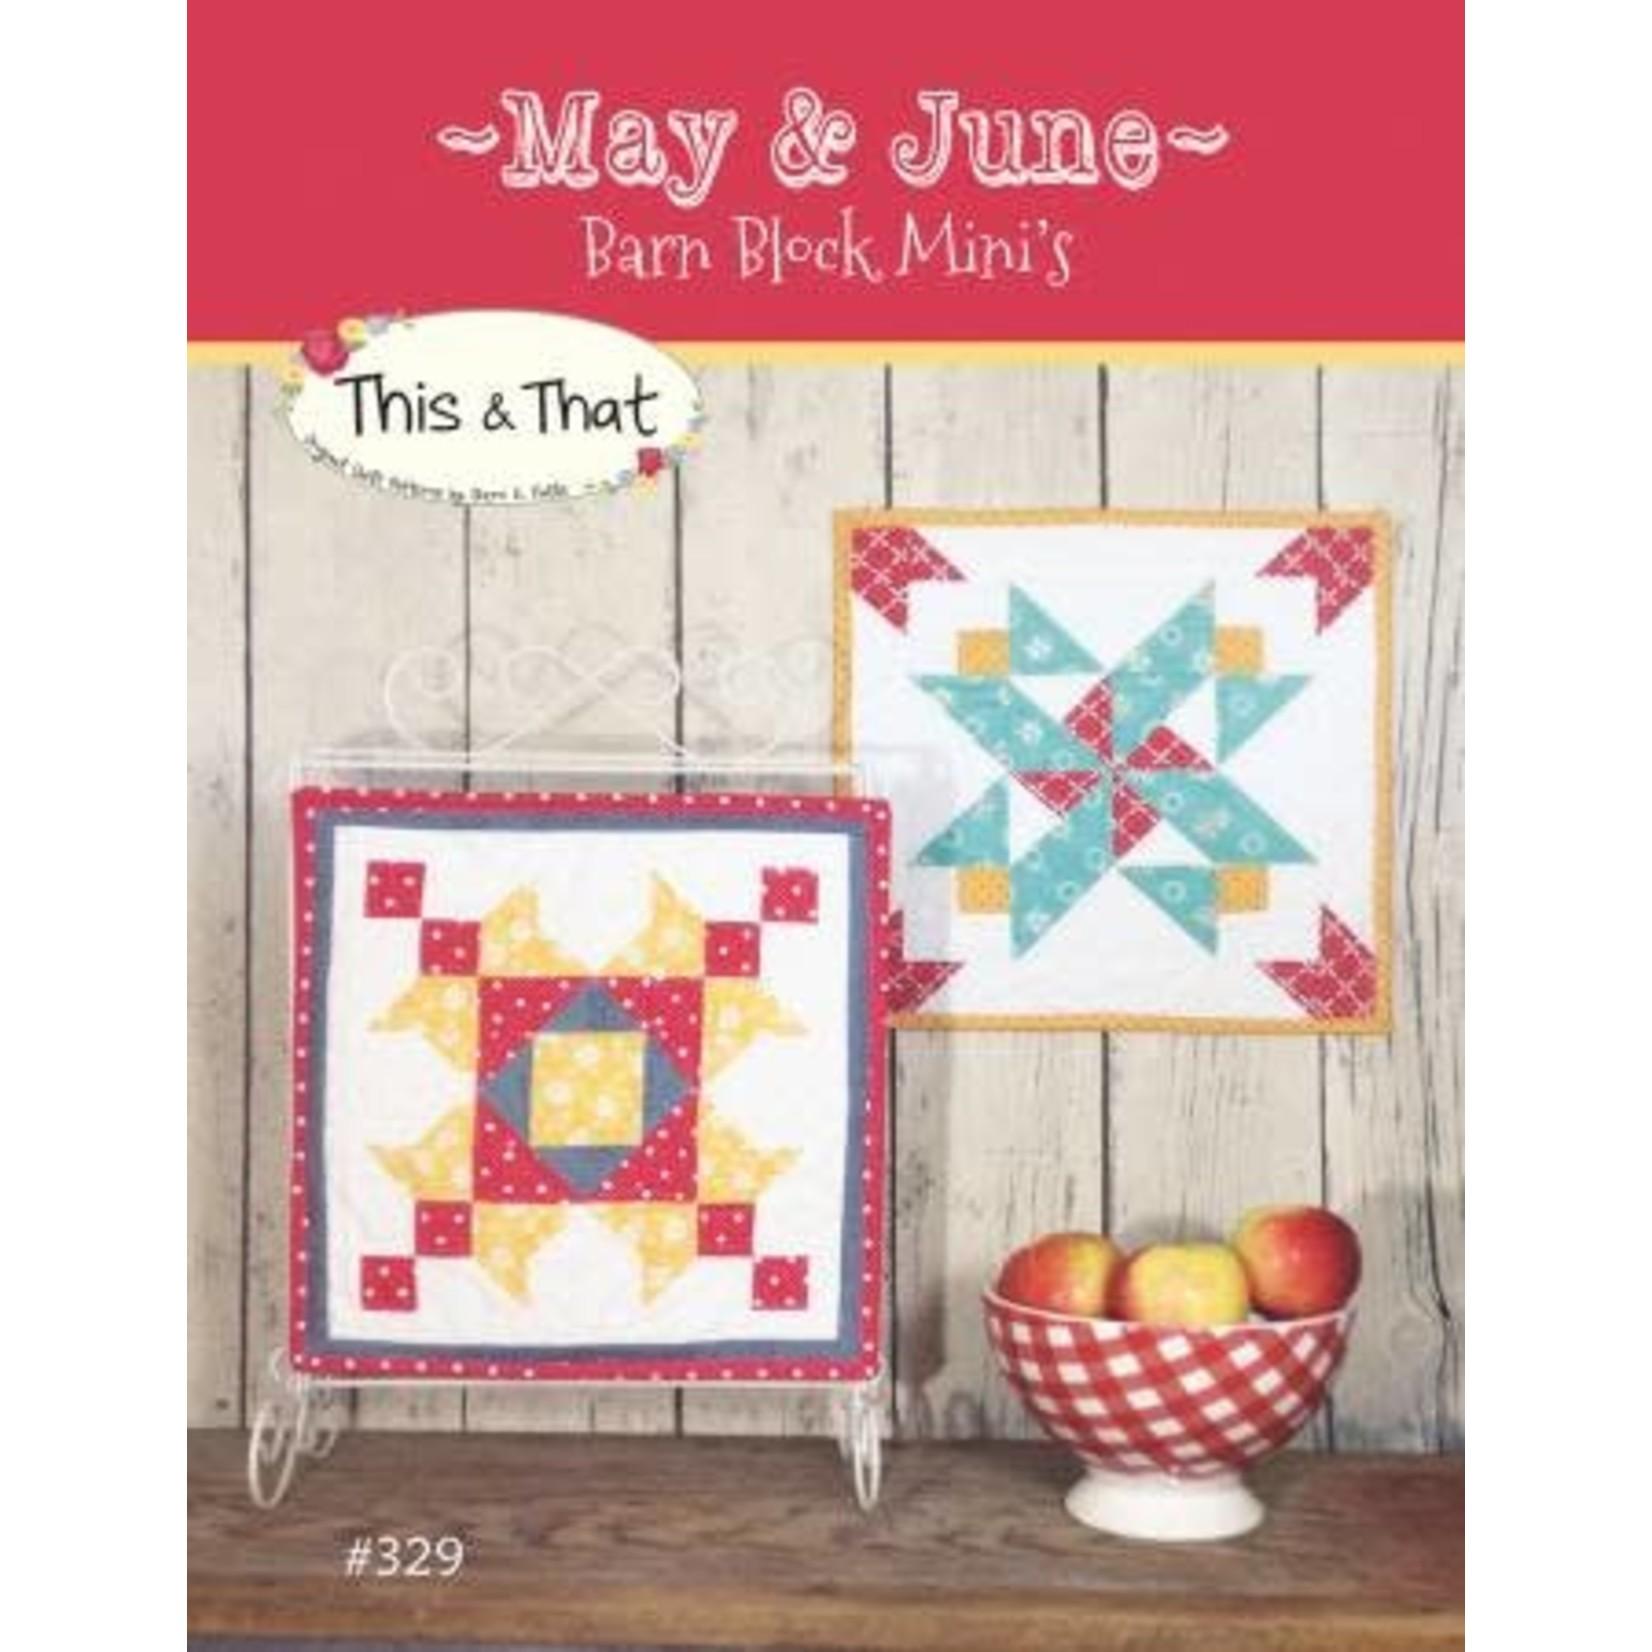 Barn Block Mini's May & June - Sherri K. Falls